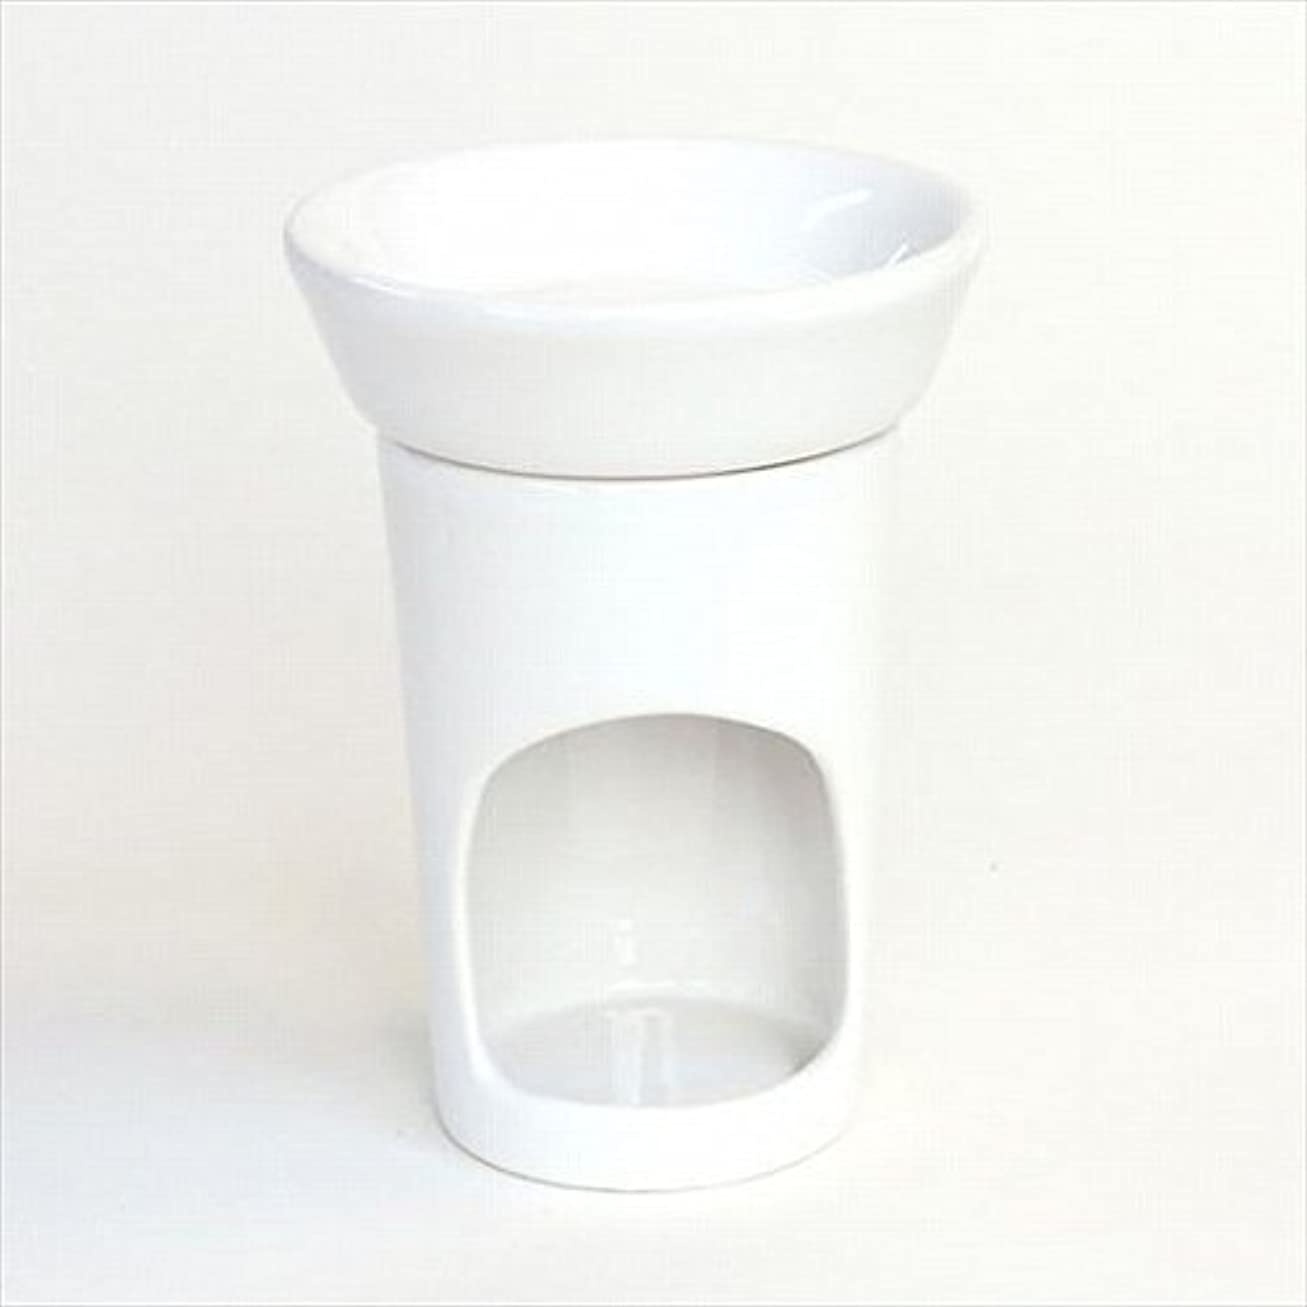 群衆反論スポーツkameyama candle(カメヤマキャンドル) ブランタルトウォーマー キャンドル 78x78x116mm (J5250000)